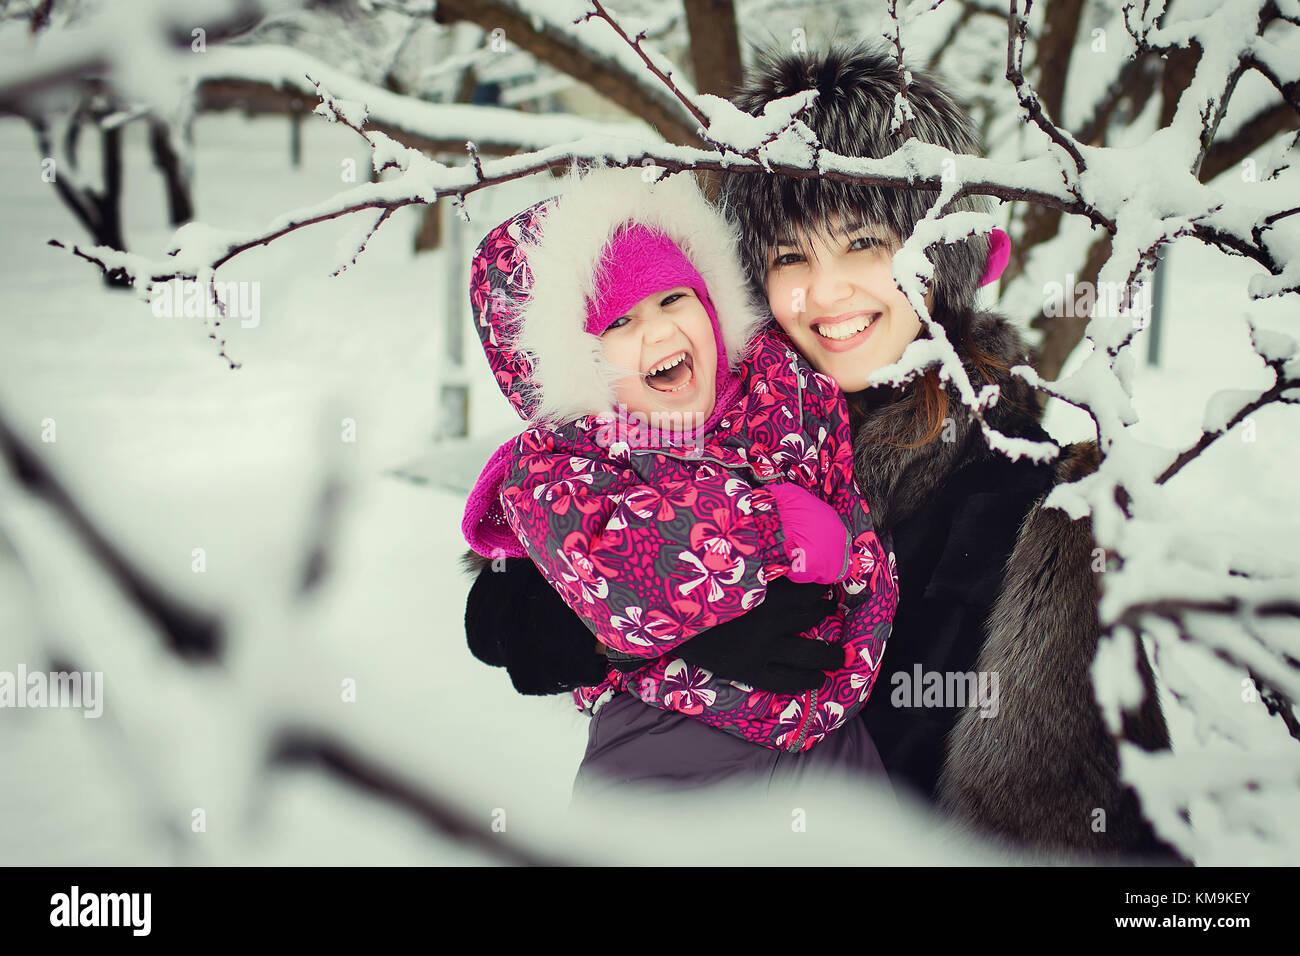 La mamma con bambino di trascorrere del tempo in winter park Immagini Stock